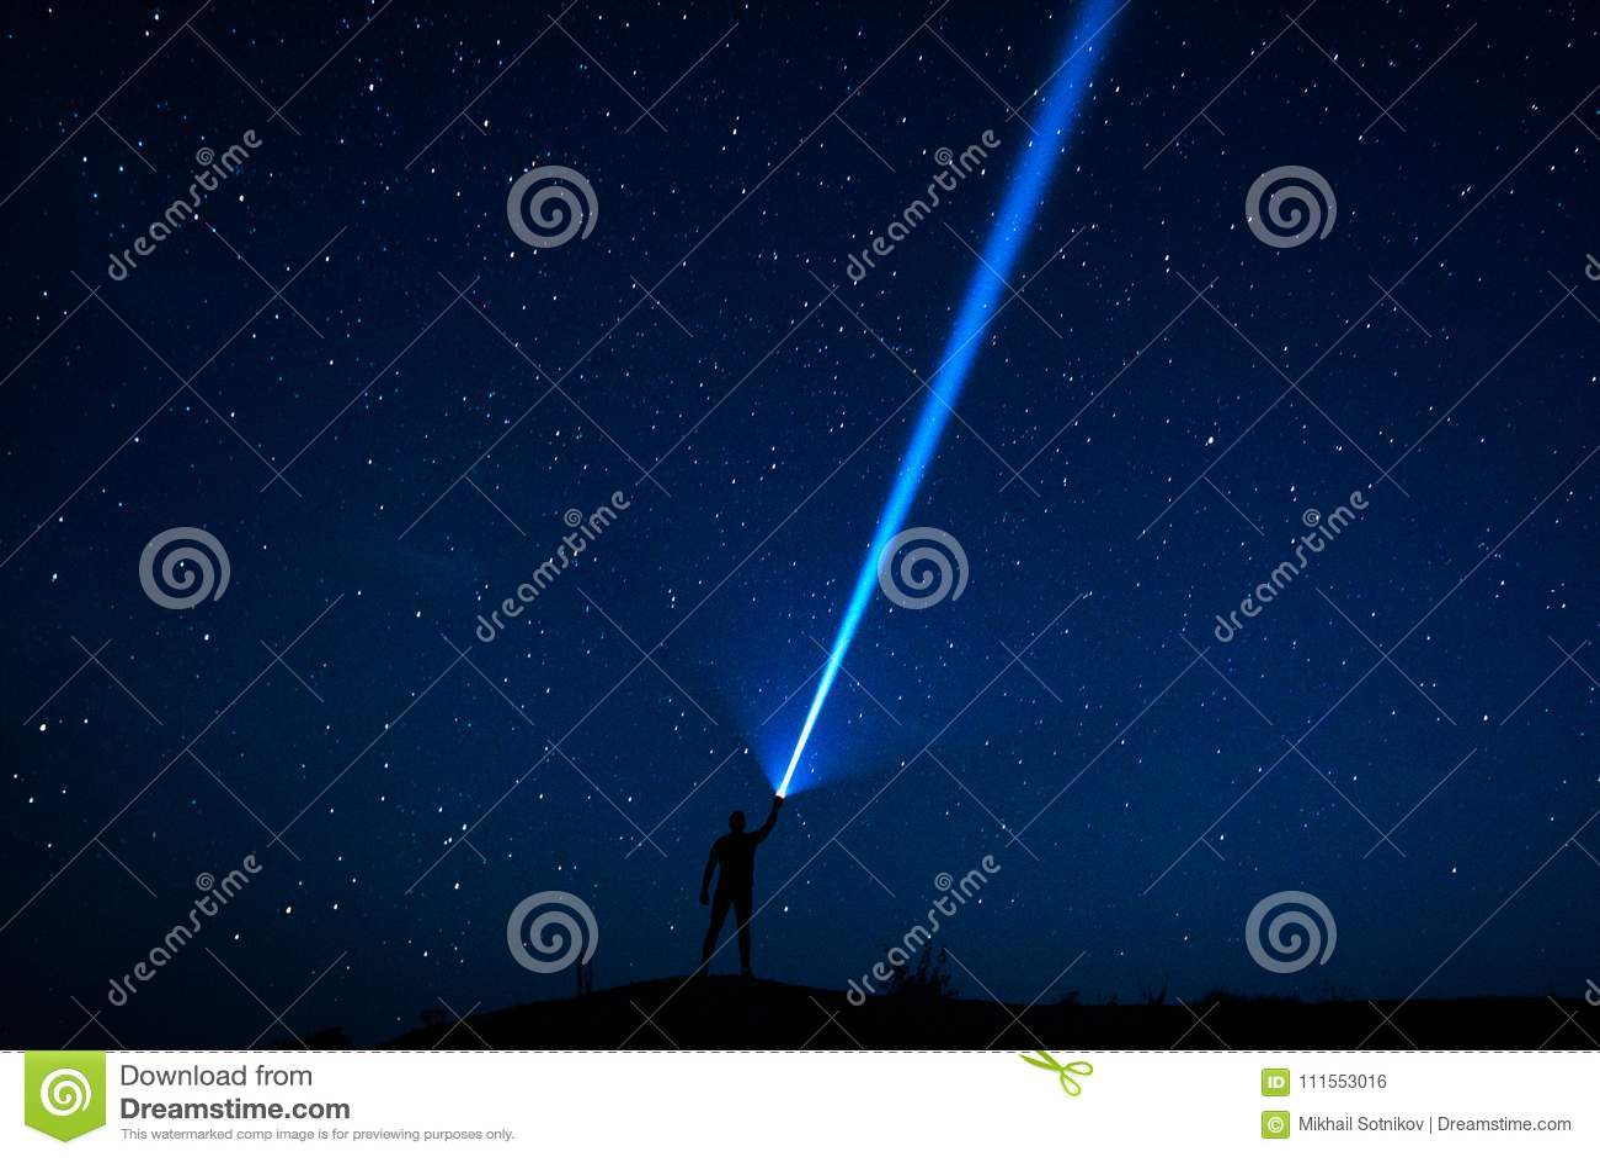 Le voyageur regarde le ciel étoilé